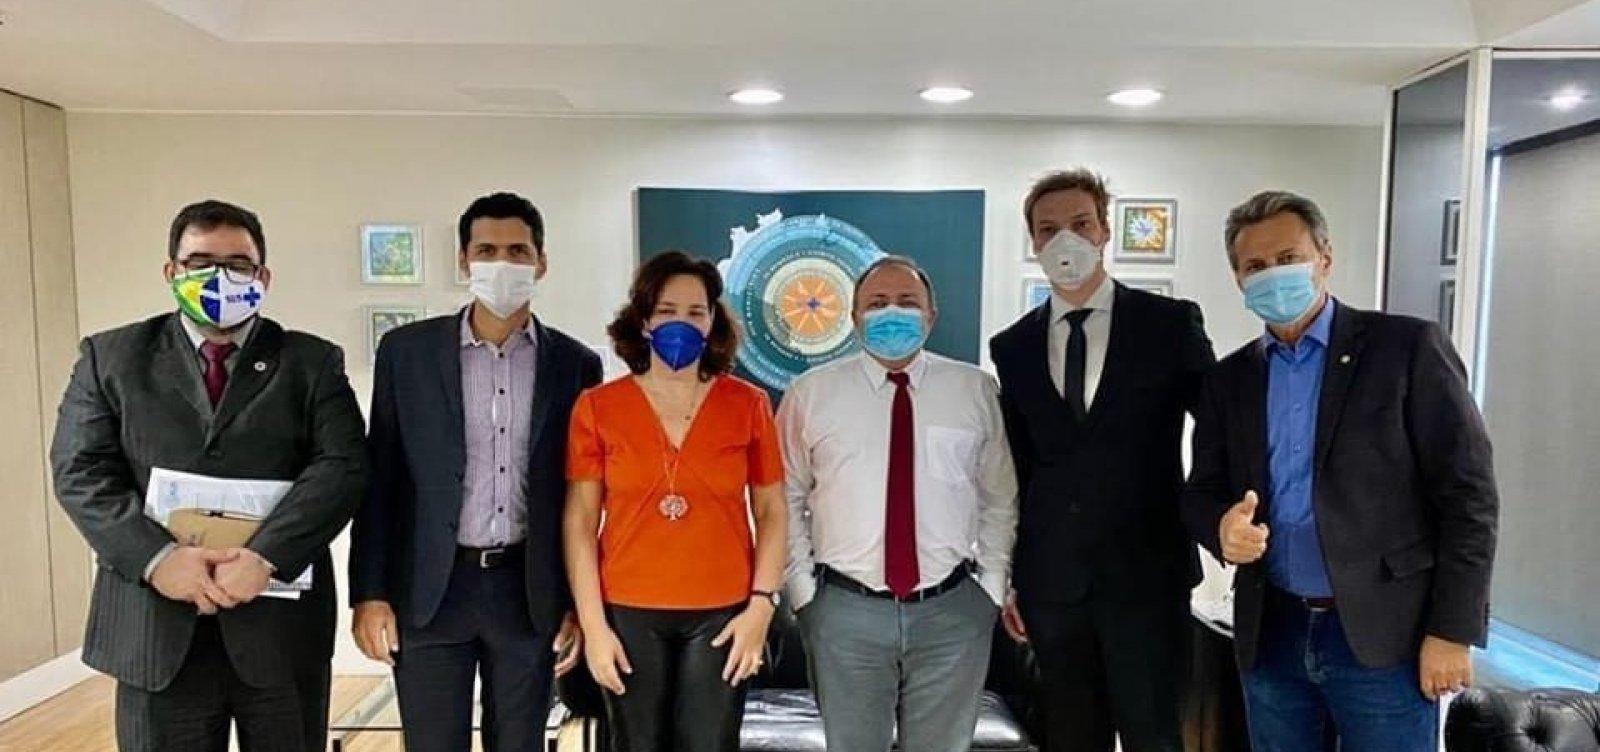 [Ministro da Saúde recebe defensores do uso de ozônio pelo ânus para tratar Covid-19]